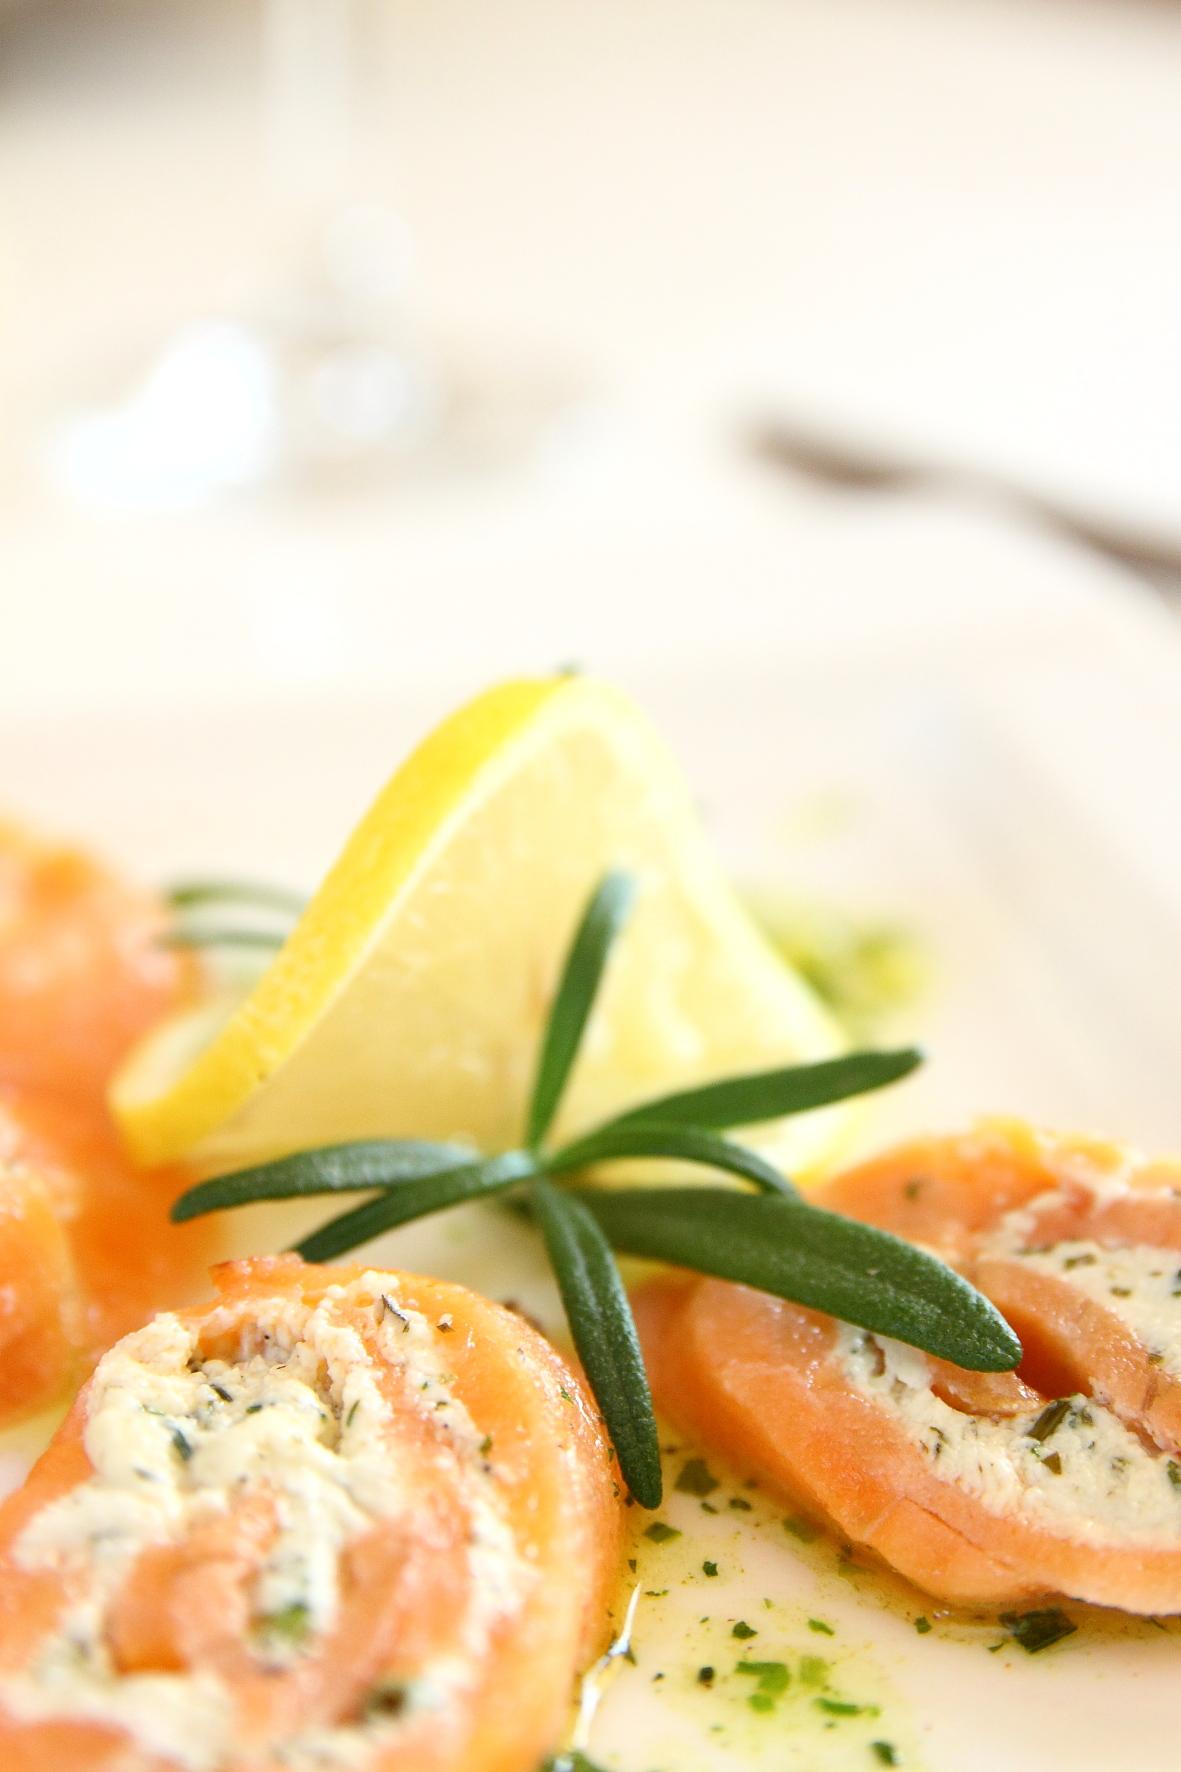 restauracja-austeria-kazimierska-kazimierz-dolny-restauracje-danie-jedzenie-03